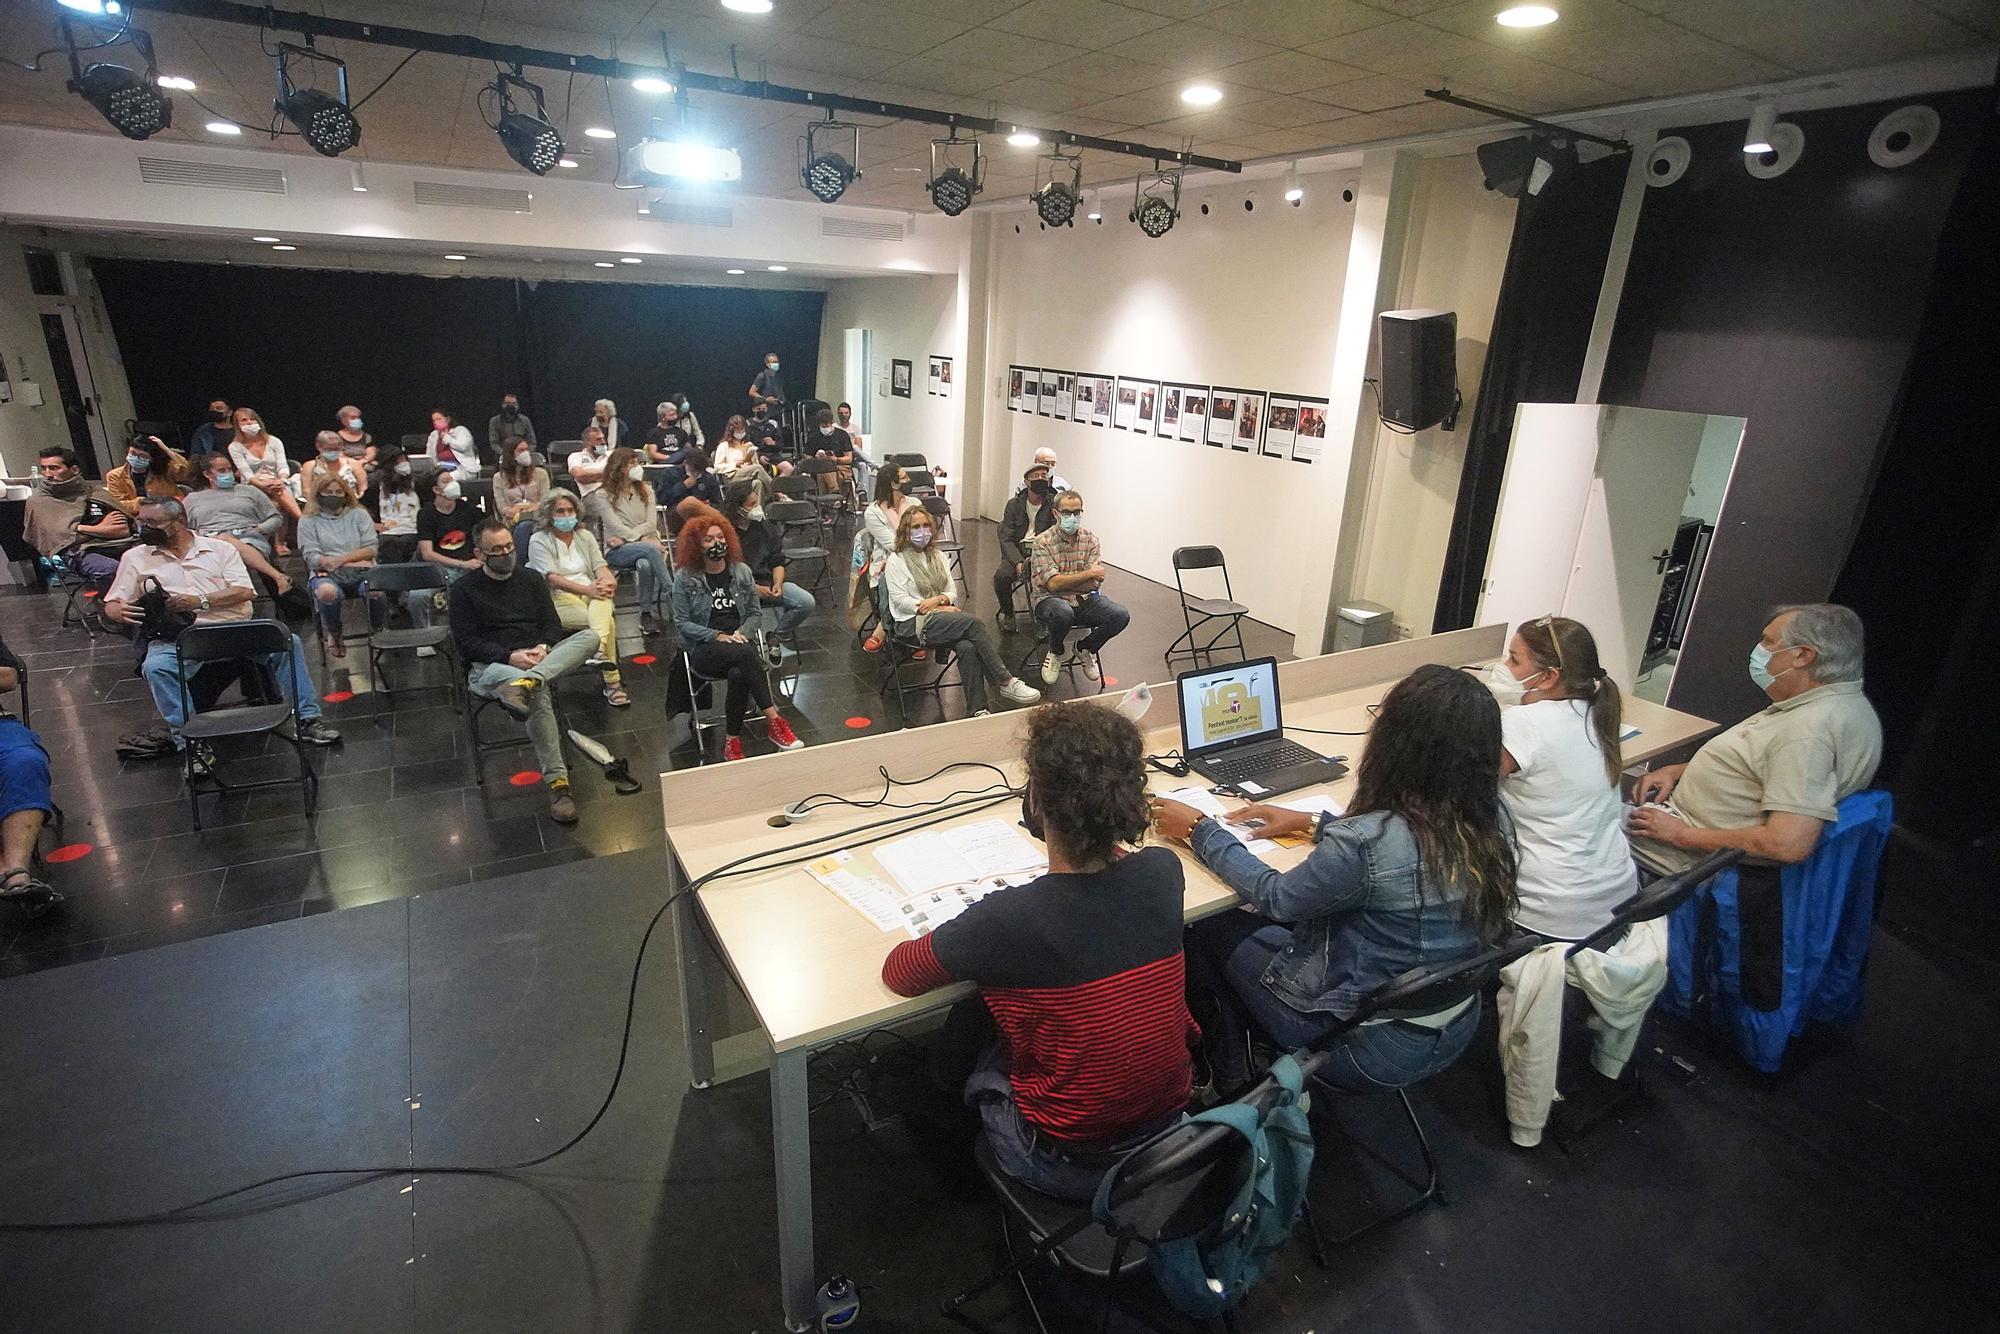 Arranca la 3a edició del Festival d'art urbà Monar'T que s'allargarà fins al 26